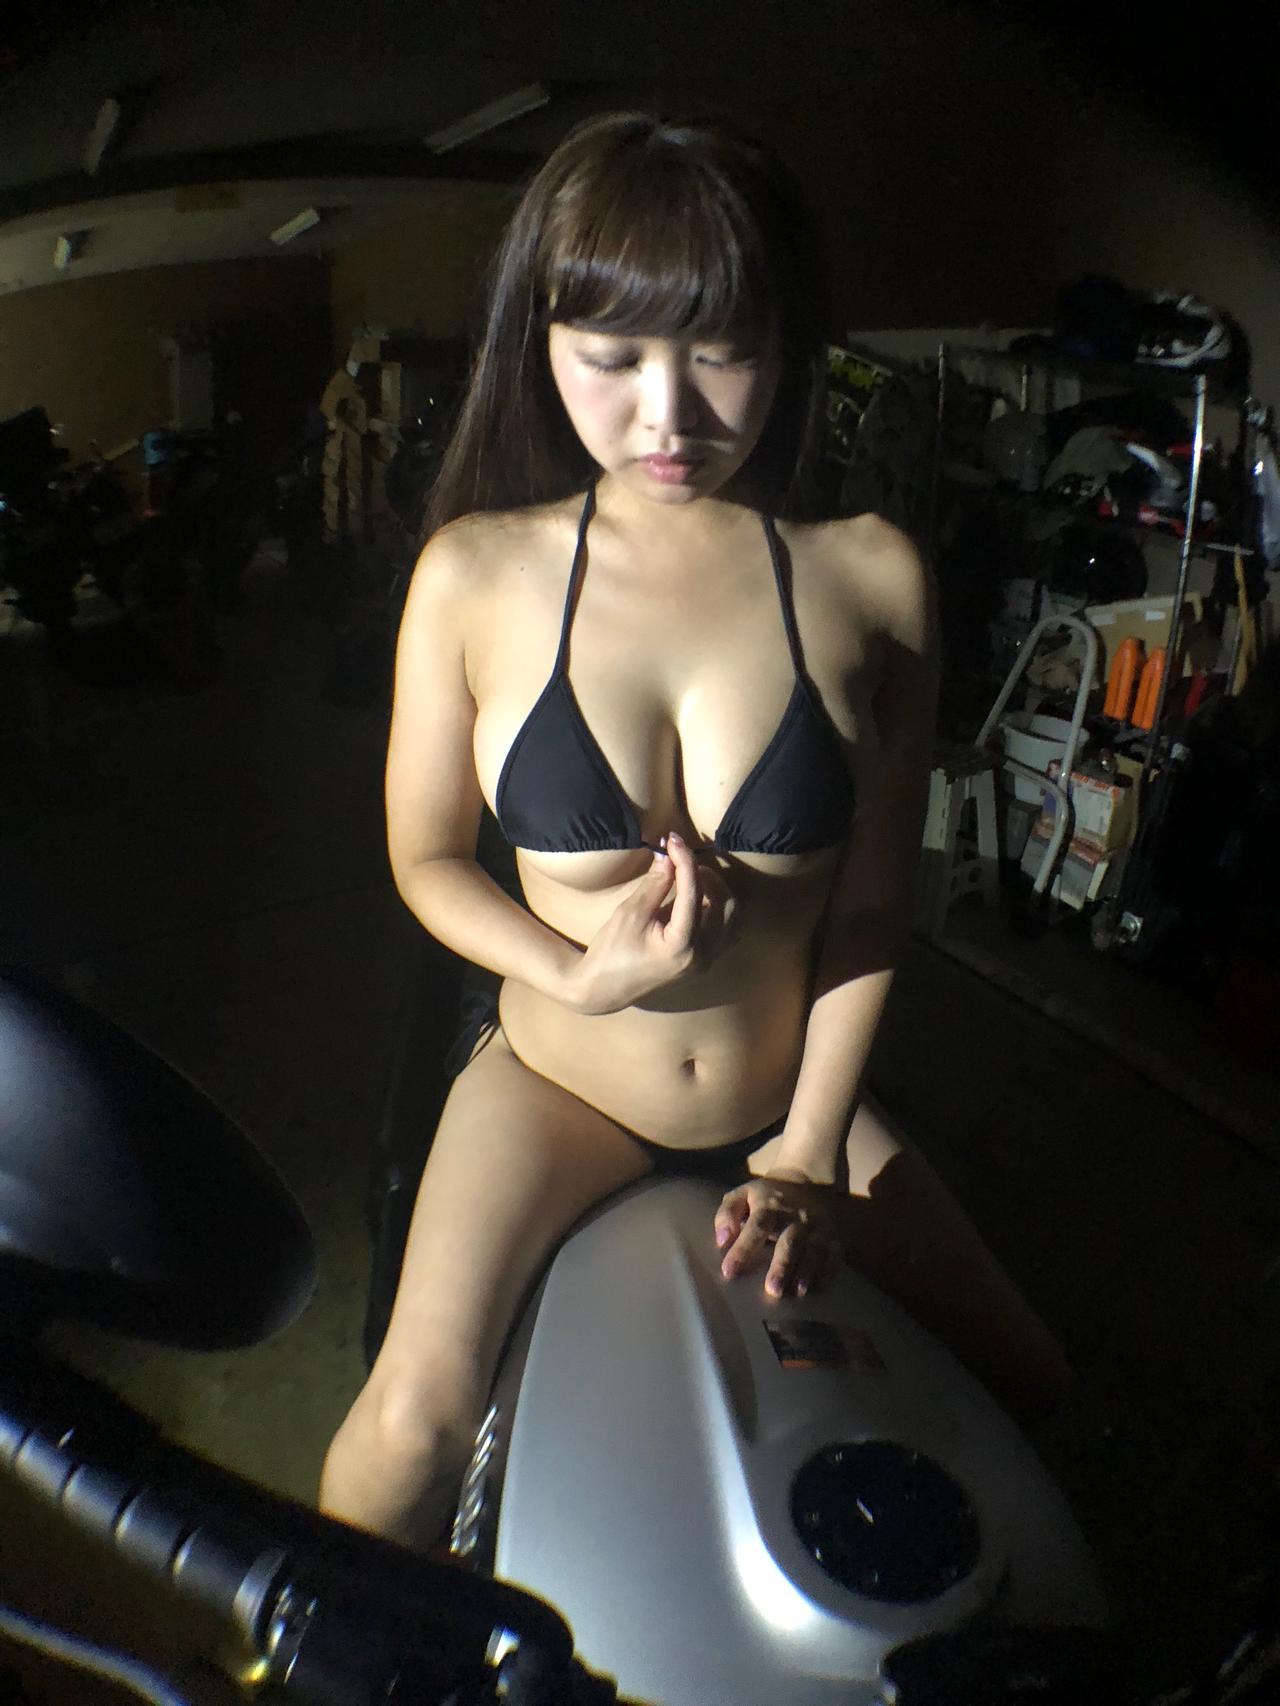 画像8: 目黒璃彩はトリプルセブン(平成7年7月7日生まれ)! 【Beauty & Bike】特別編: